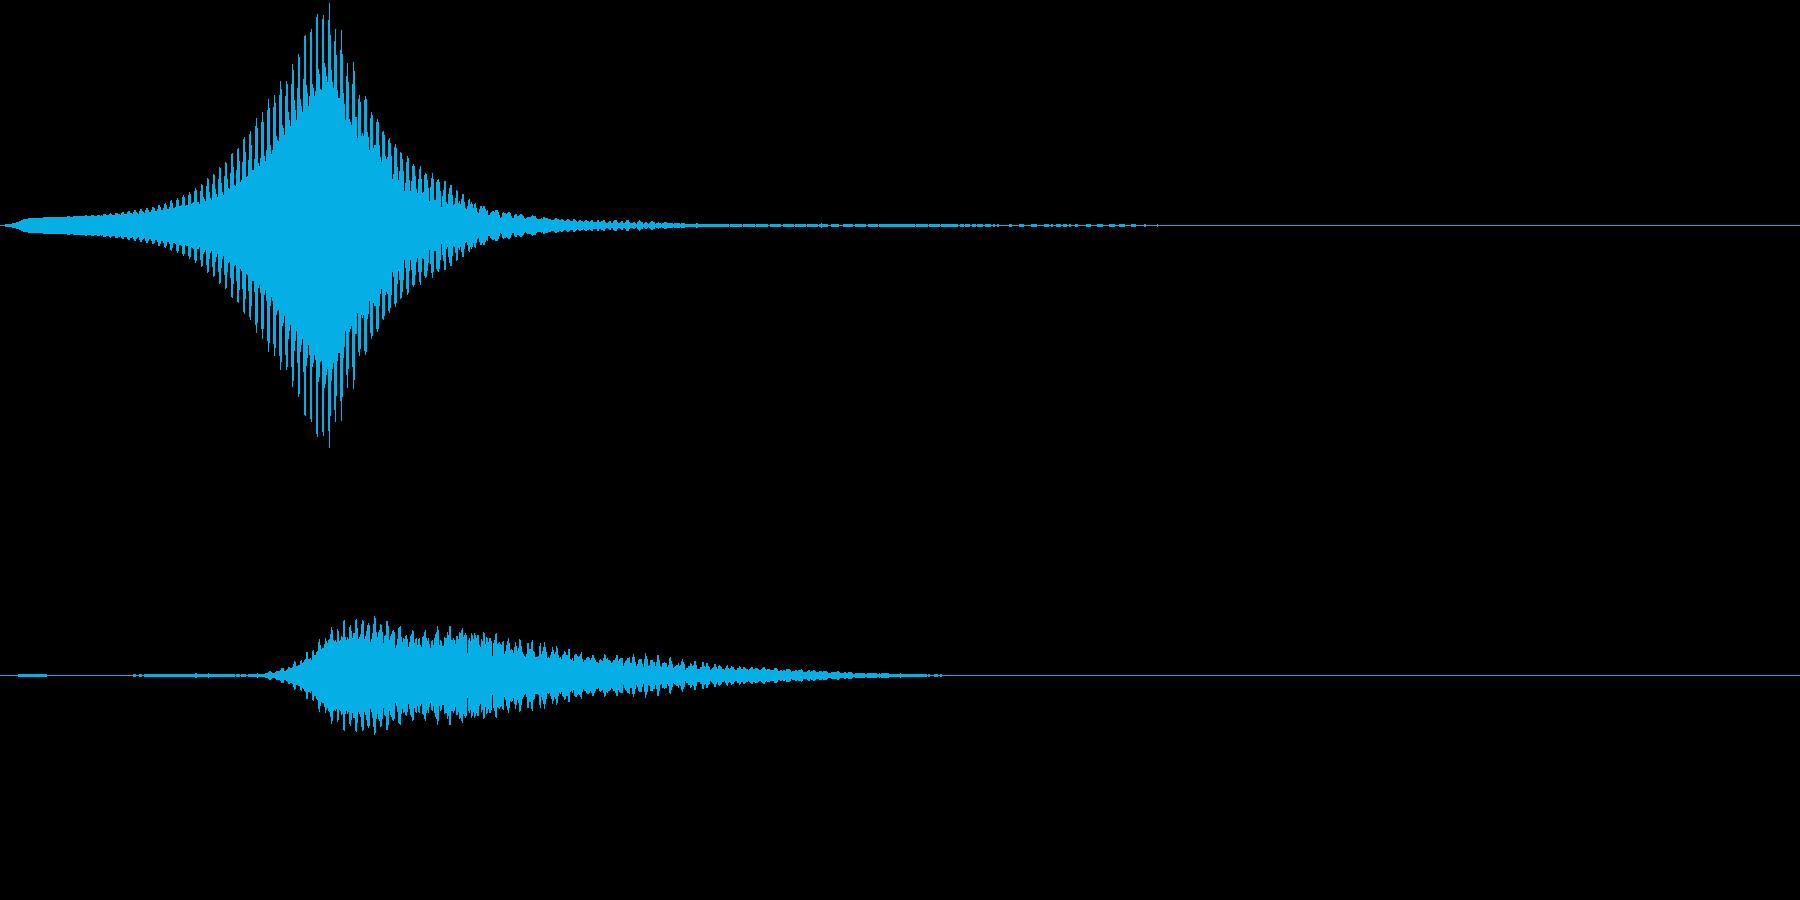 DramaFX 何かの兆し・不信感の再生済みの波形